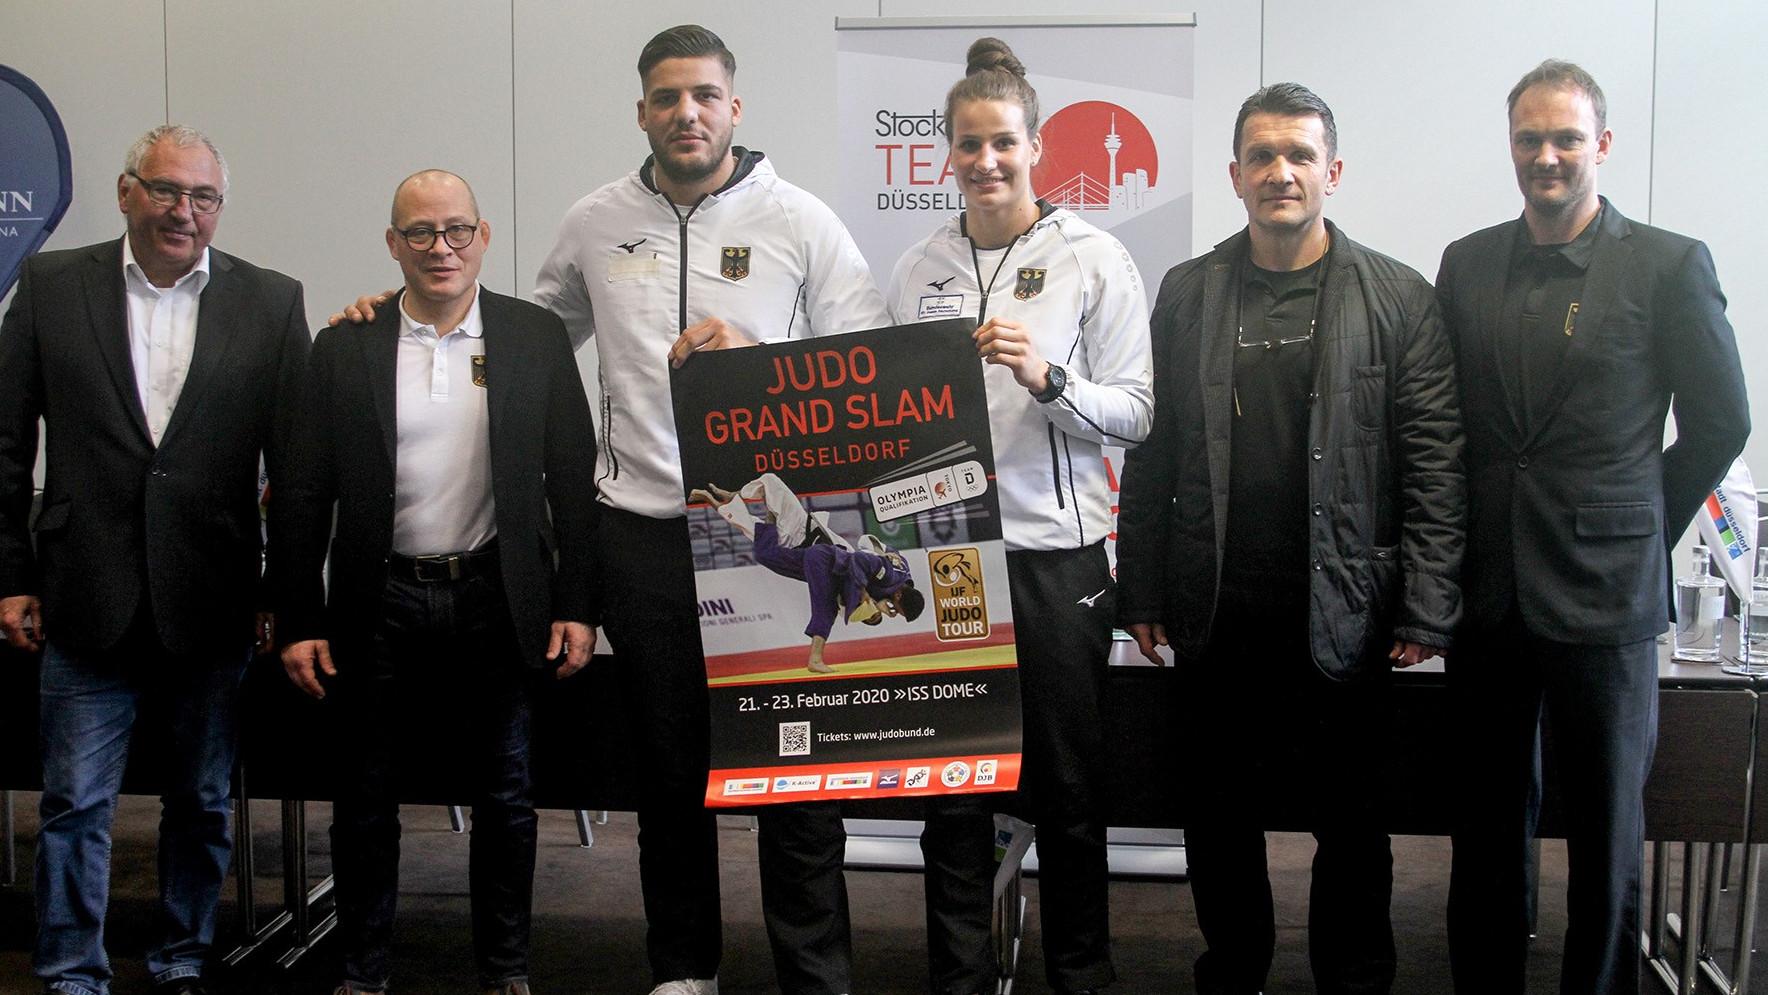 Judo Grand Slam Im ISS DOME: Heimspiel Auf Großer Bühne Für Düsseldorfer Judoka